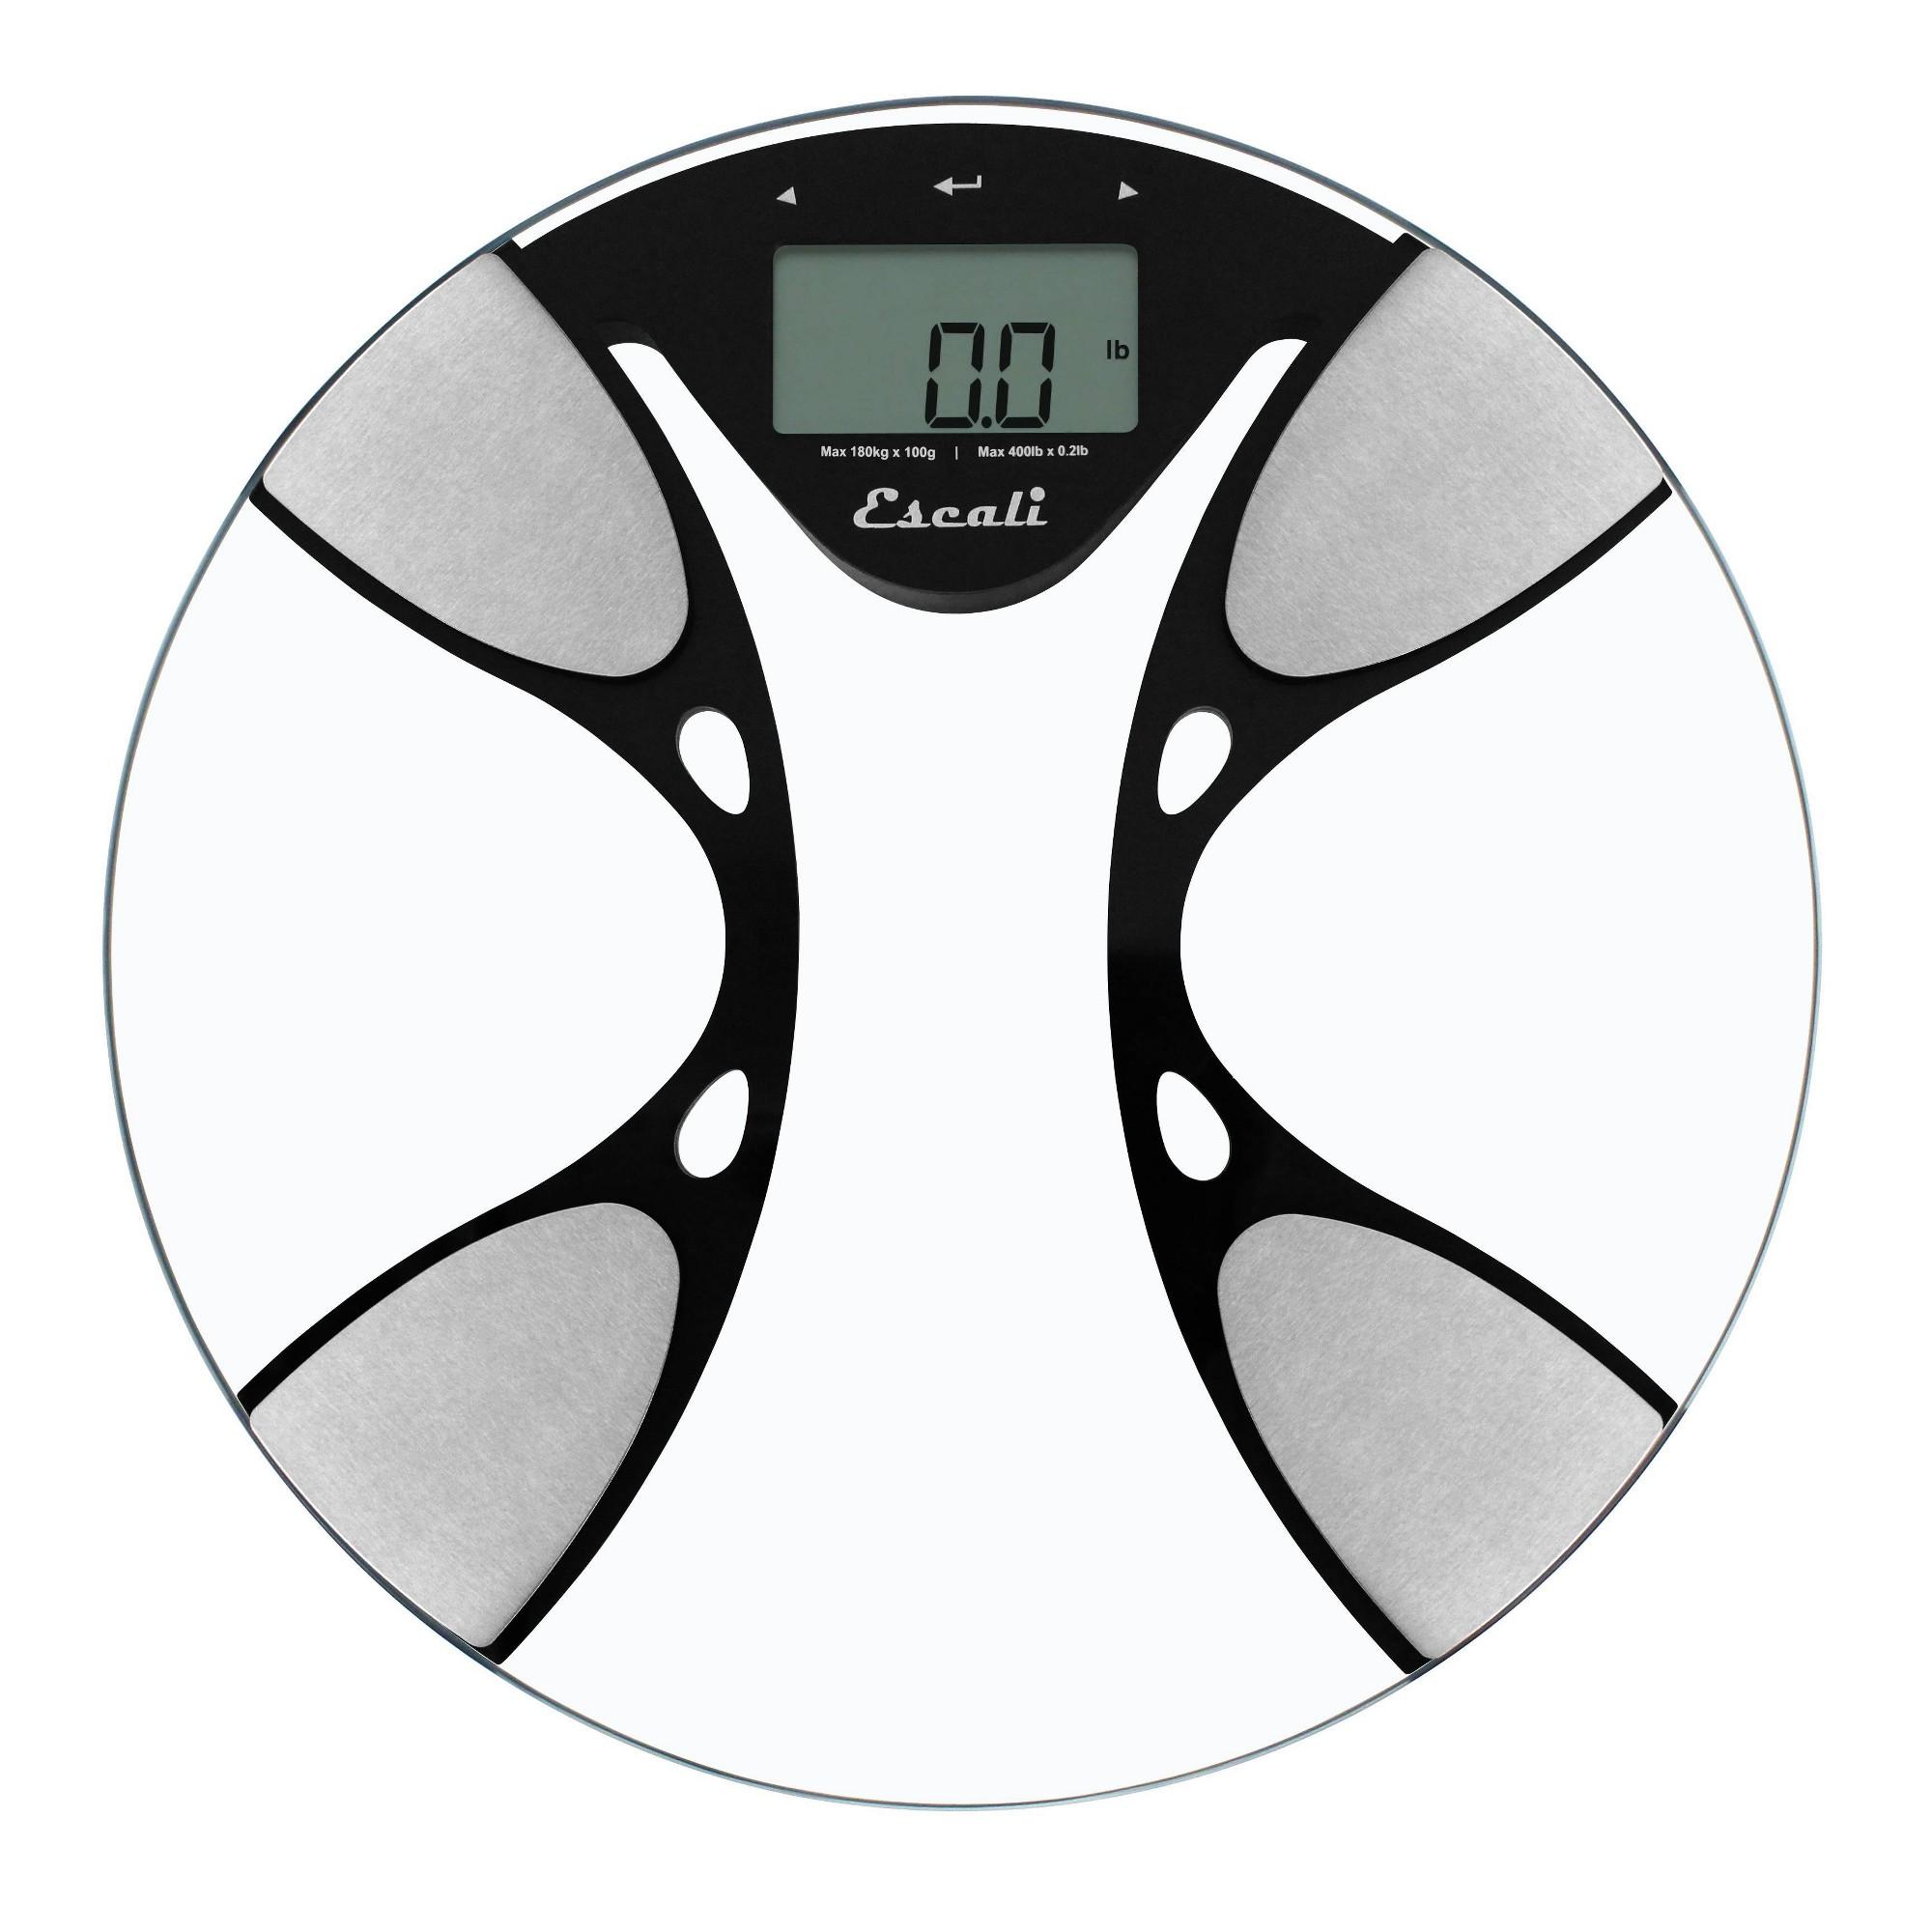 Ultra Slim Body Composition Scale - Escali